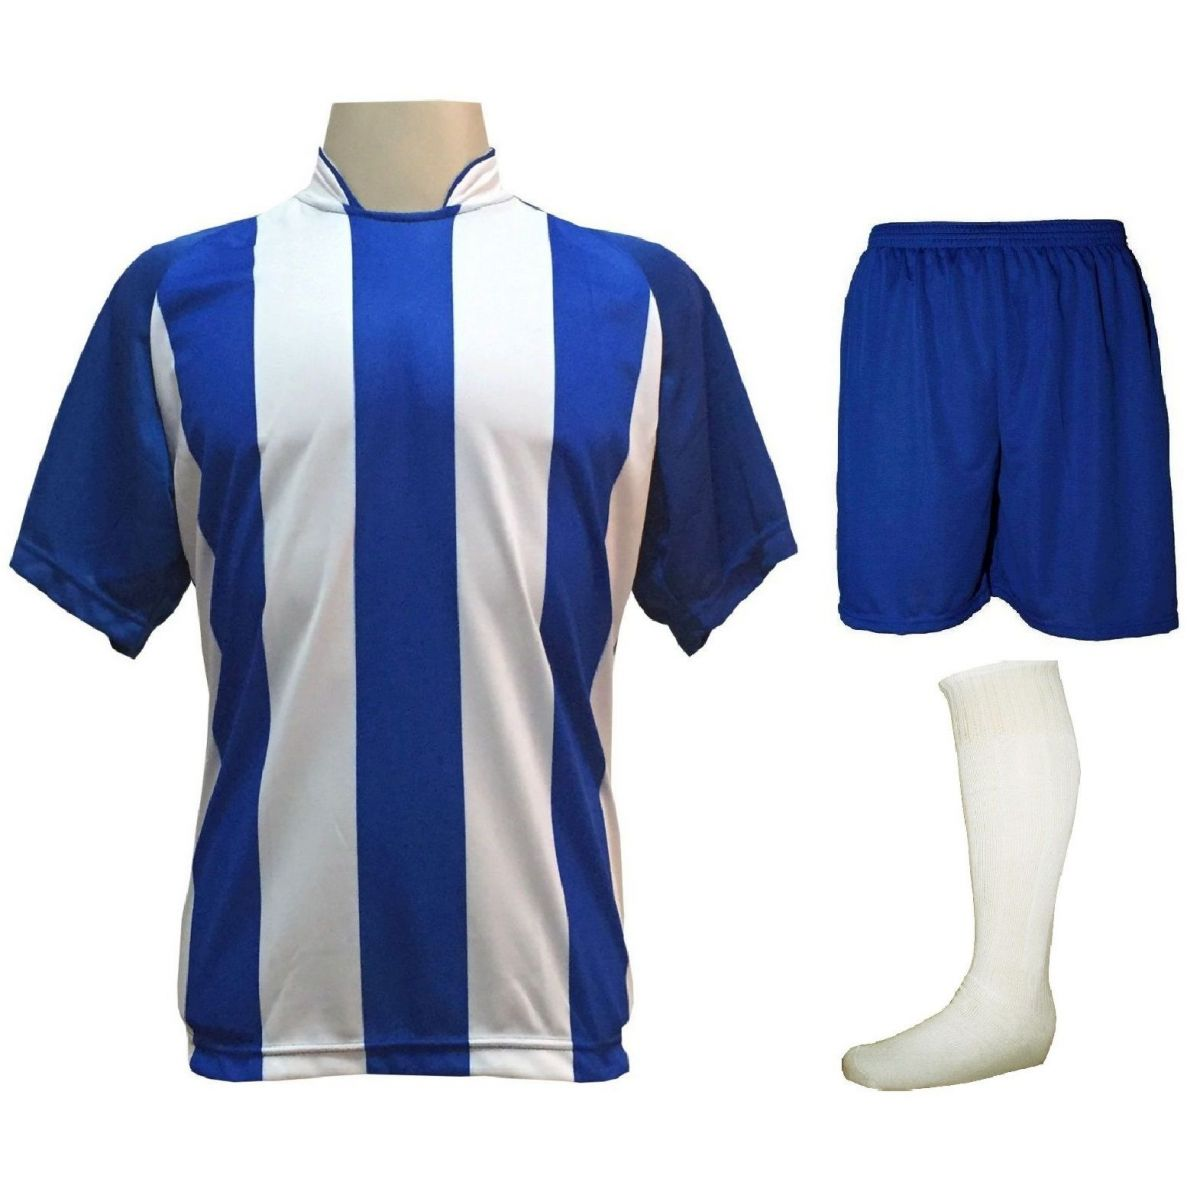 Uniforme Esportivo com 12 Camisas modelo Milan Royal/Branco + 12 Calções modelo Madrid Royal + 12 Pares de meiões Branco   - ESTAÇÃO DO ESPORTE